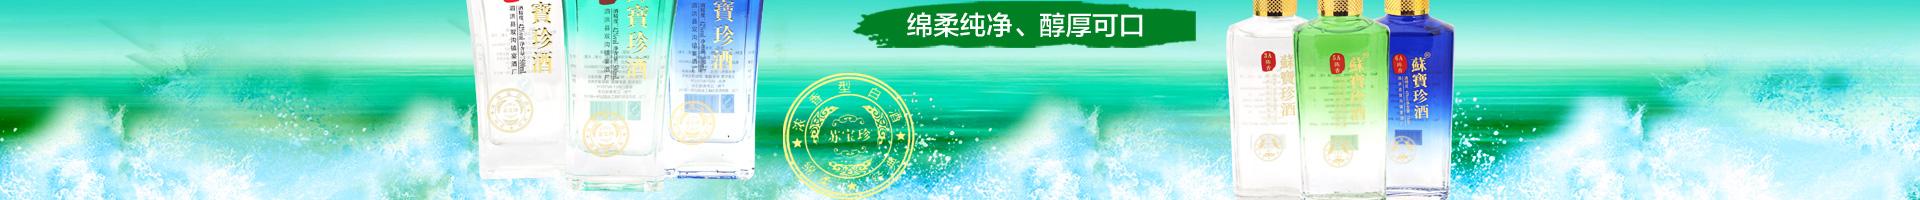 泗洪县双沟镇宴酒厂